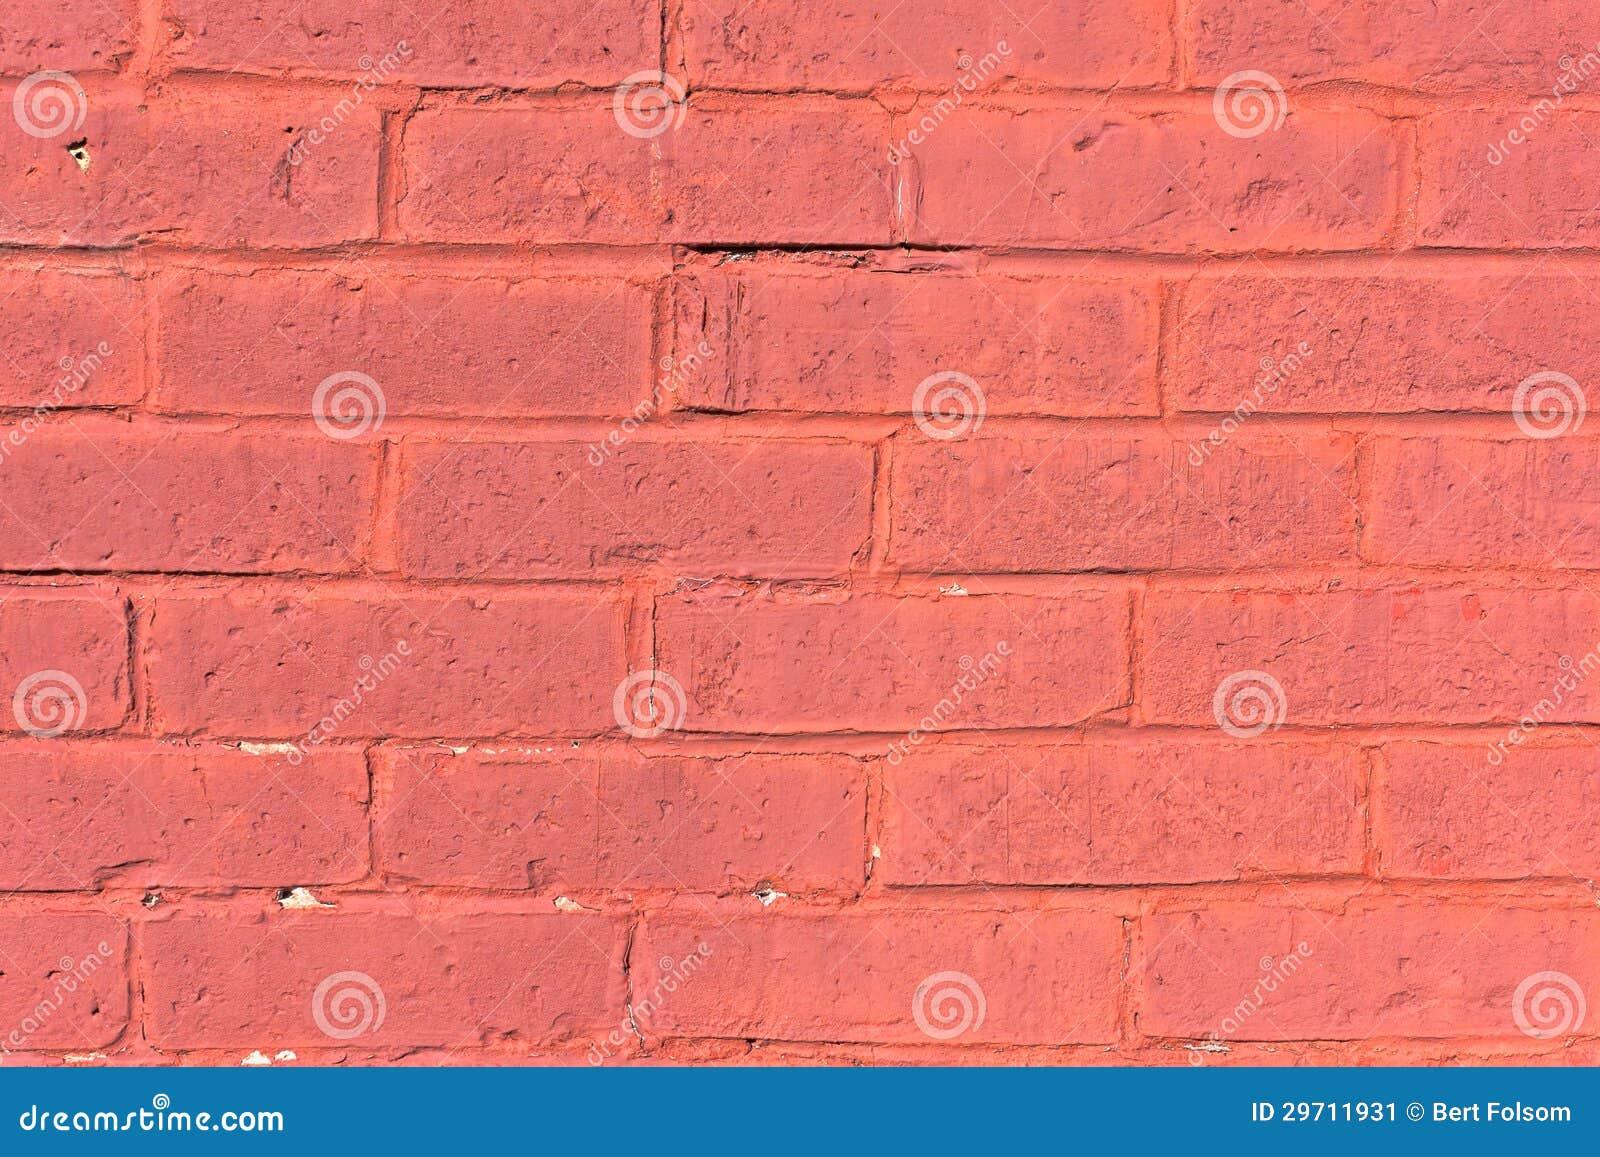 Vieux mur de briques peint image stock image 29711931 for Mur de brique exterieur